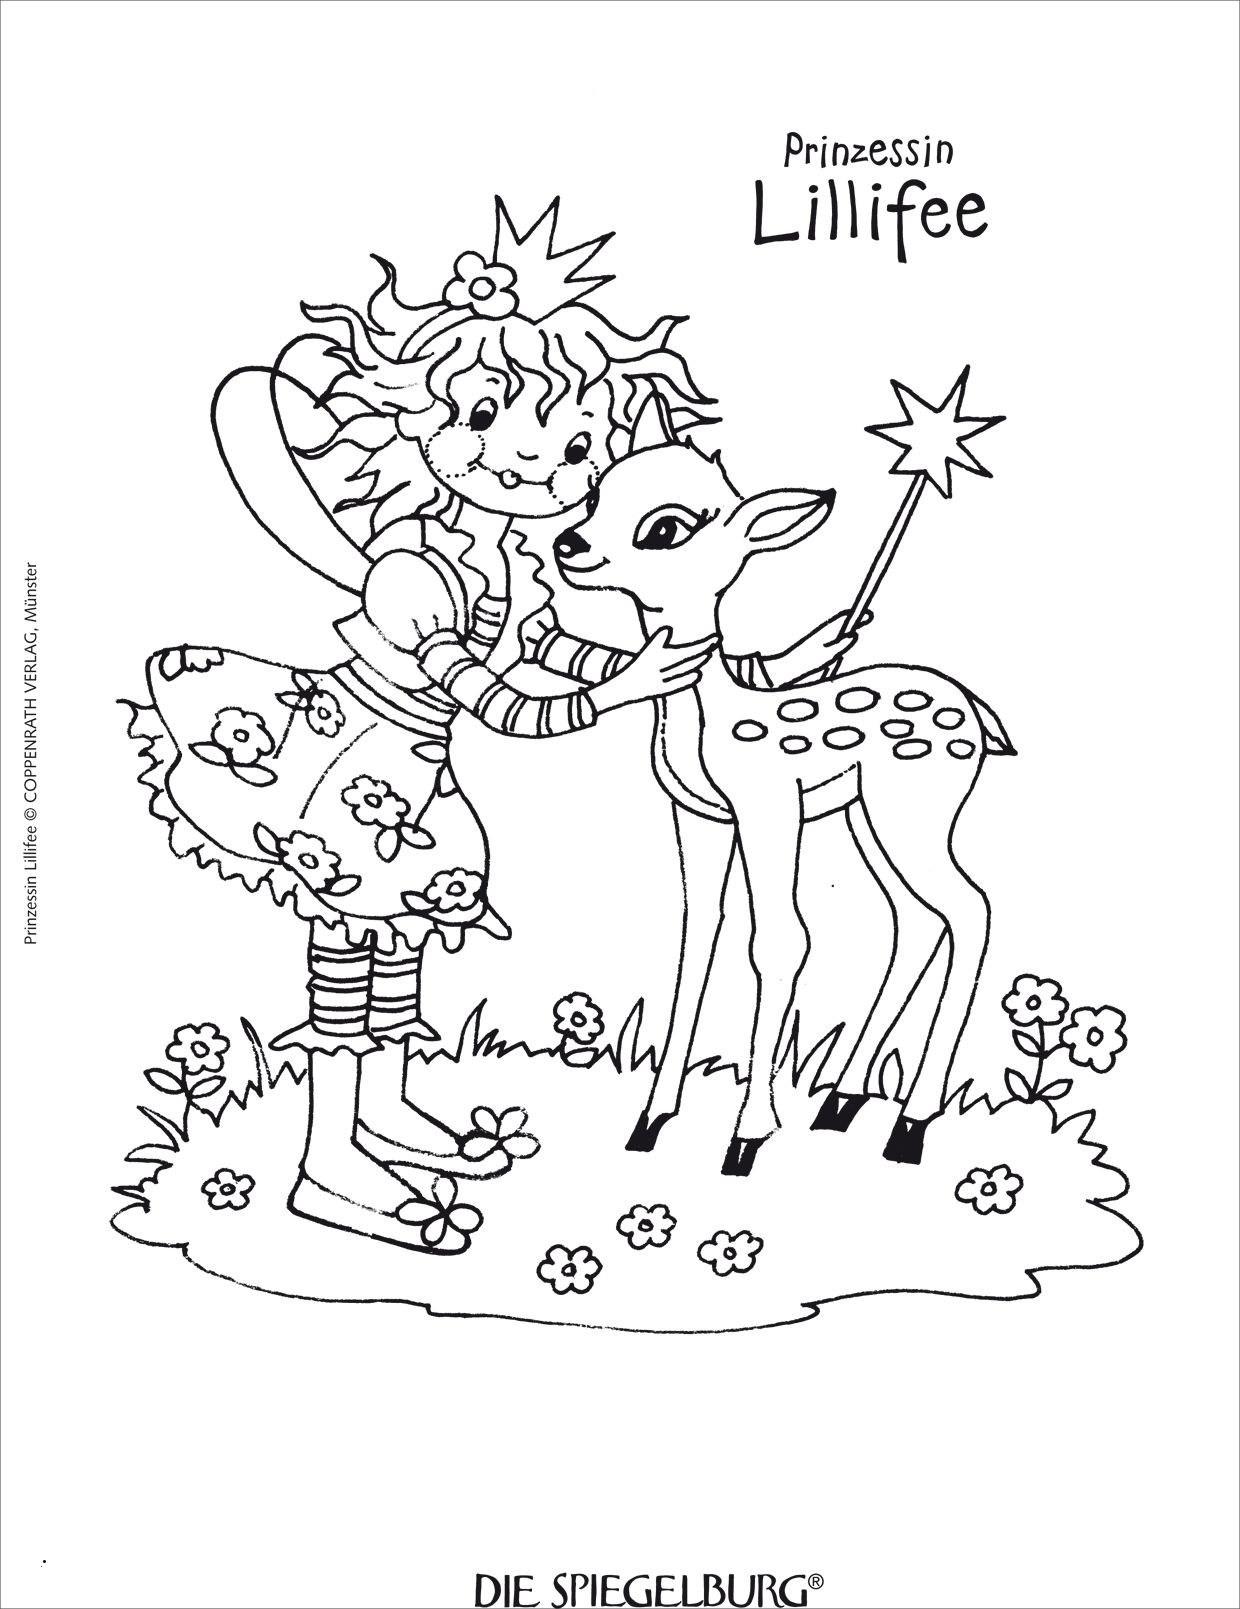 Ausmalbilder Prinzessin sofia Frisch 52 Idee Malvorlagen Prinzessin Lillifee Treehouse Nyc Fotografieren